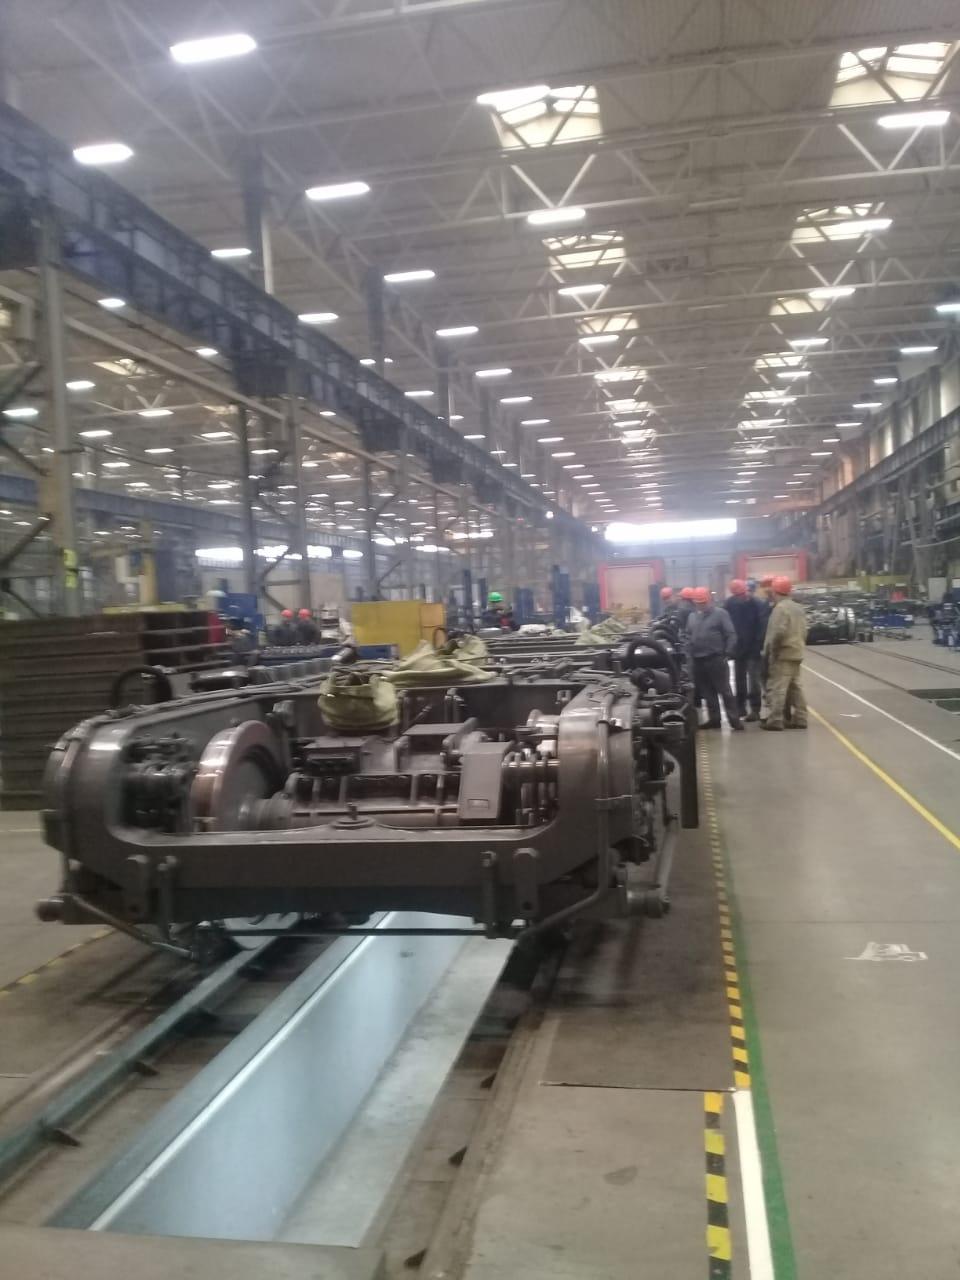 جولة لليوم السابع بمصنع جرارات السكة الحديد الروسى (9)